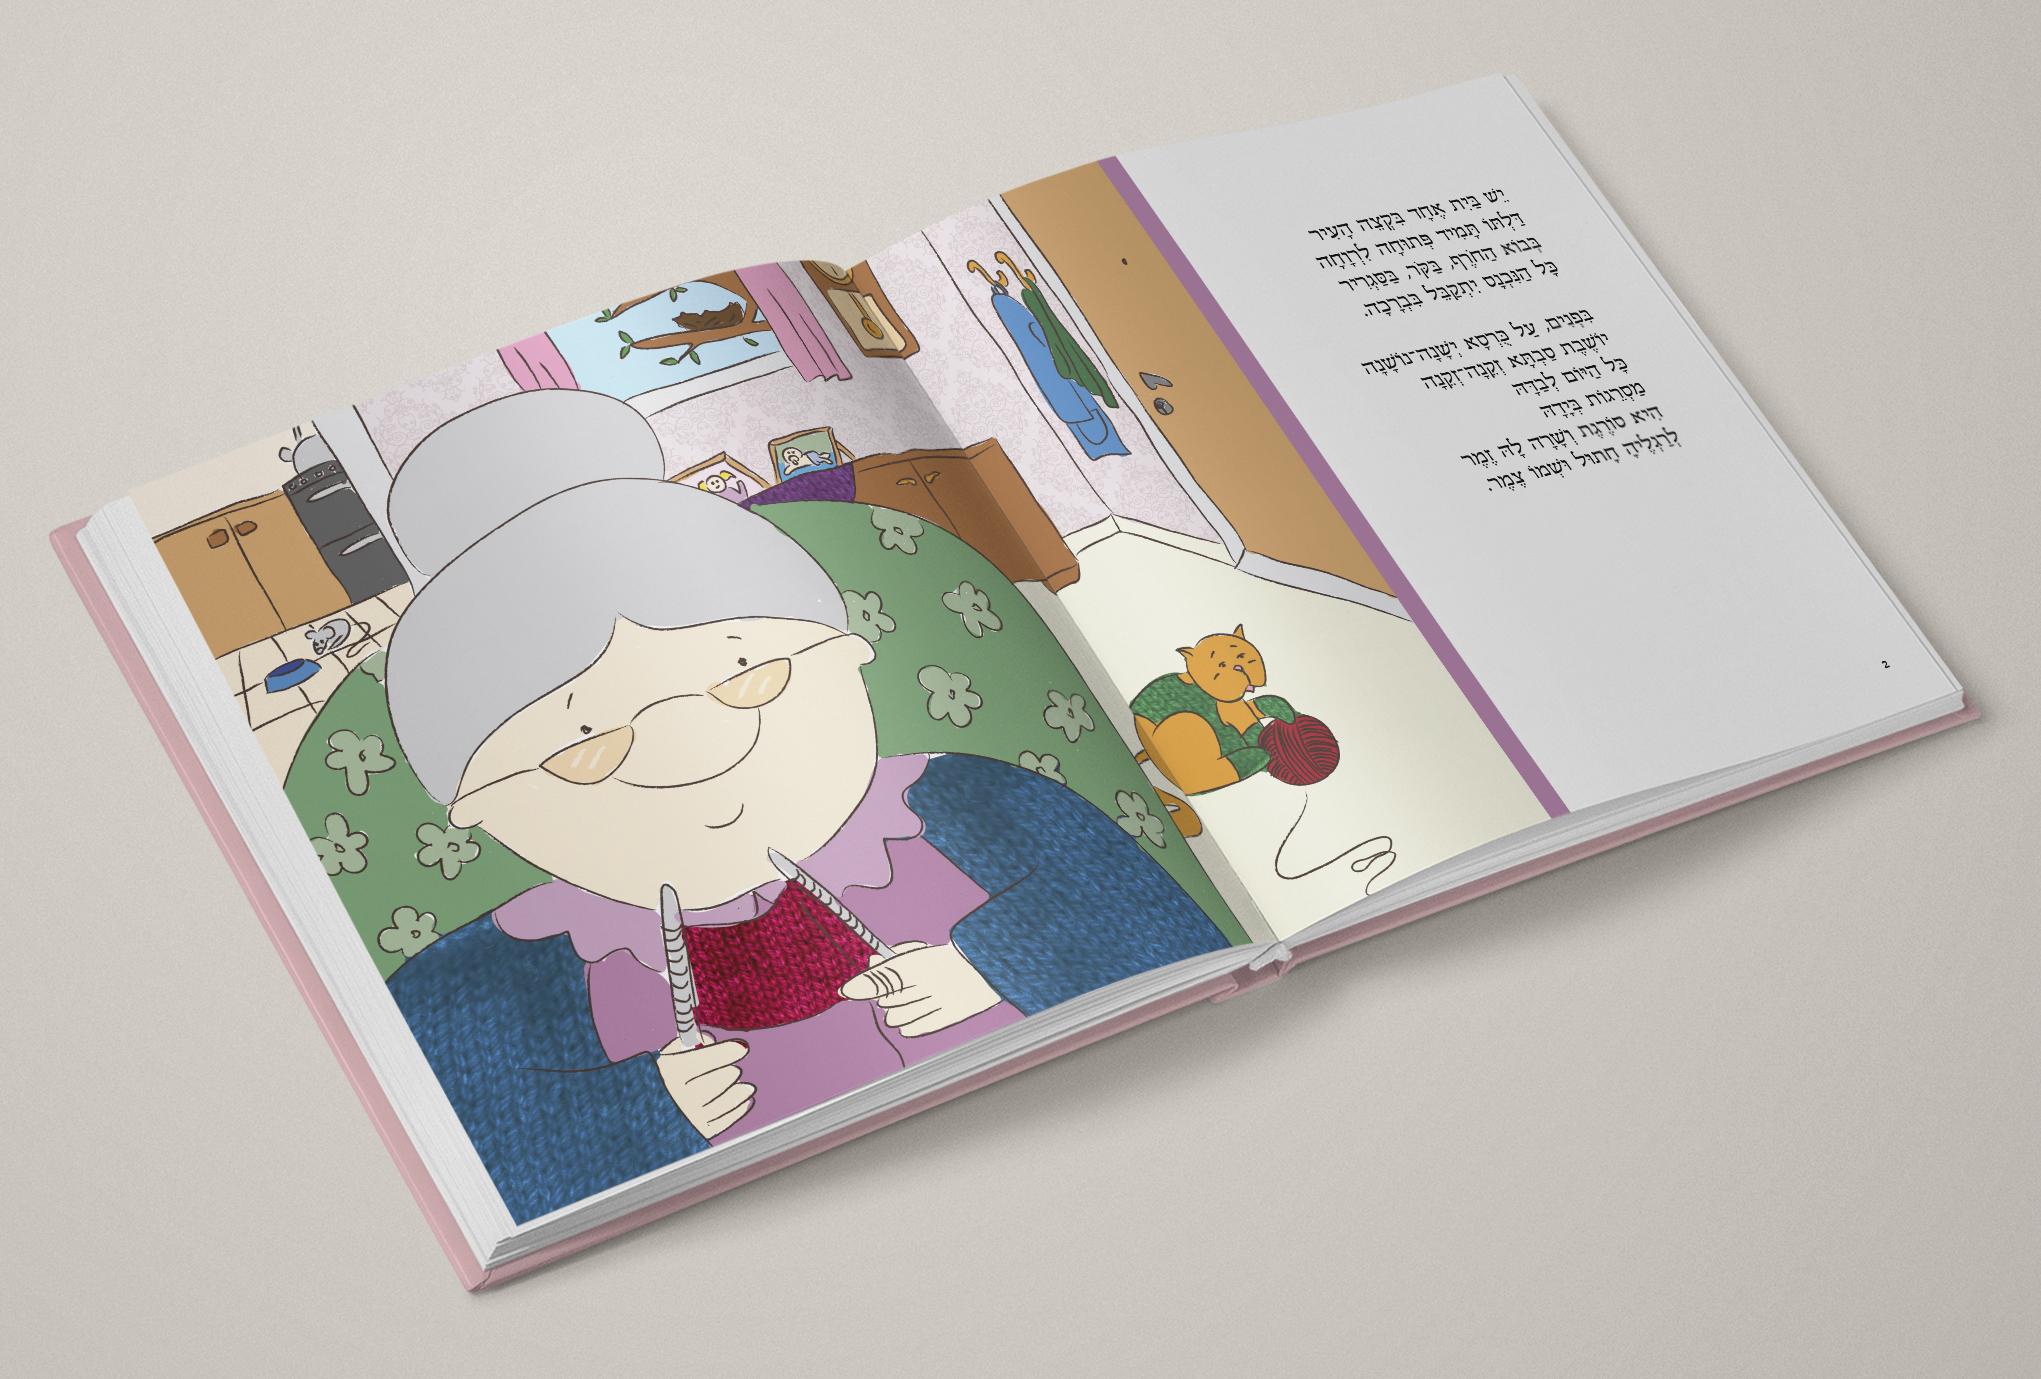 savta_book1